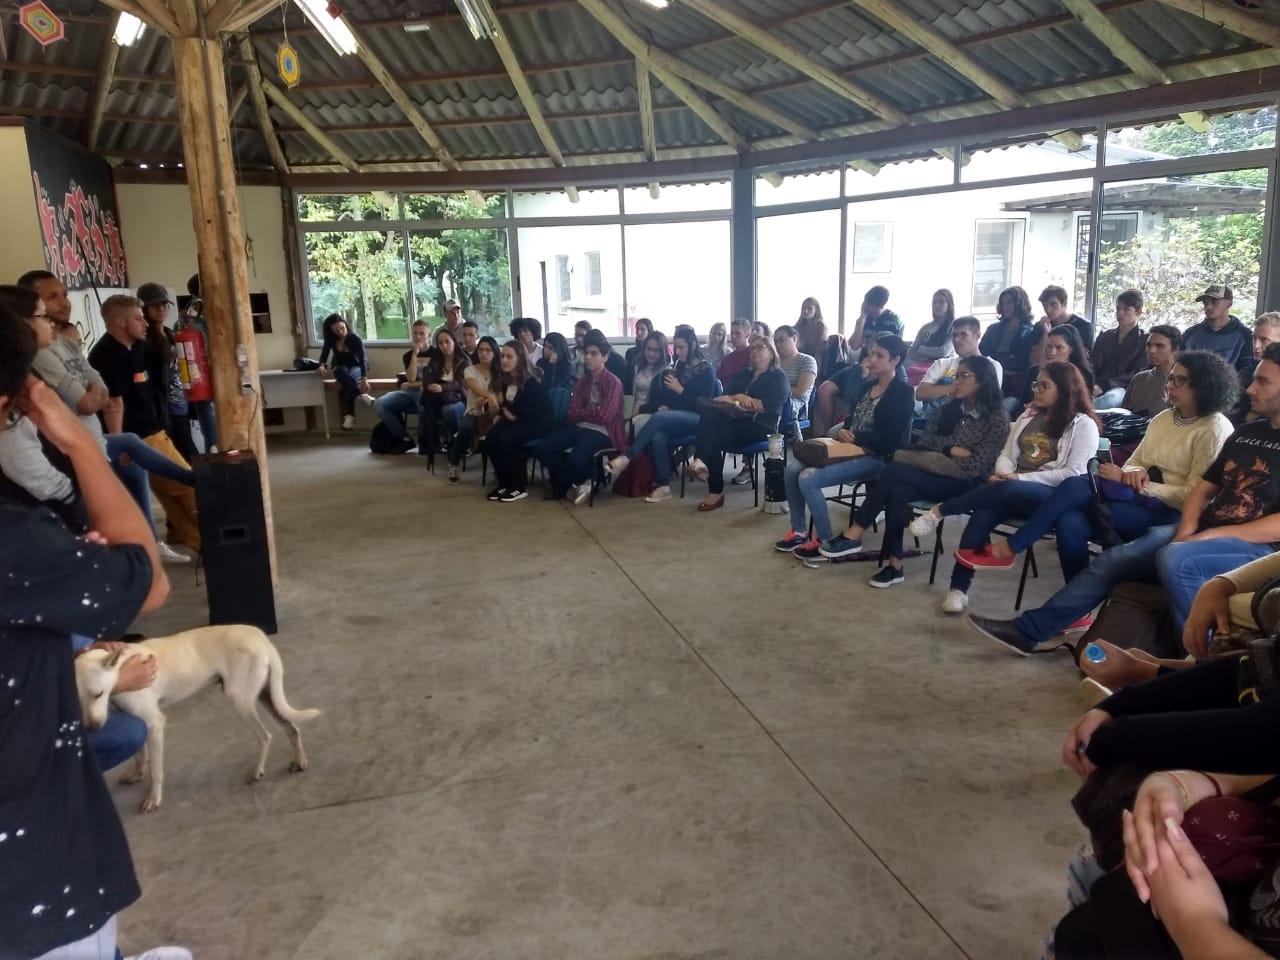 Foto colorida horizontal mostra alunos sentados e em pé, em semicírculo, e à frente alguns alunos em pé falando. A foto também mostra um cachorro sendo acariciado